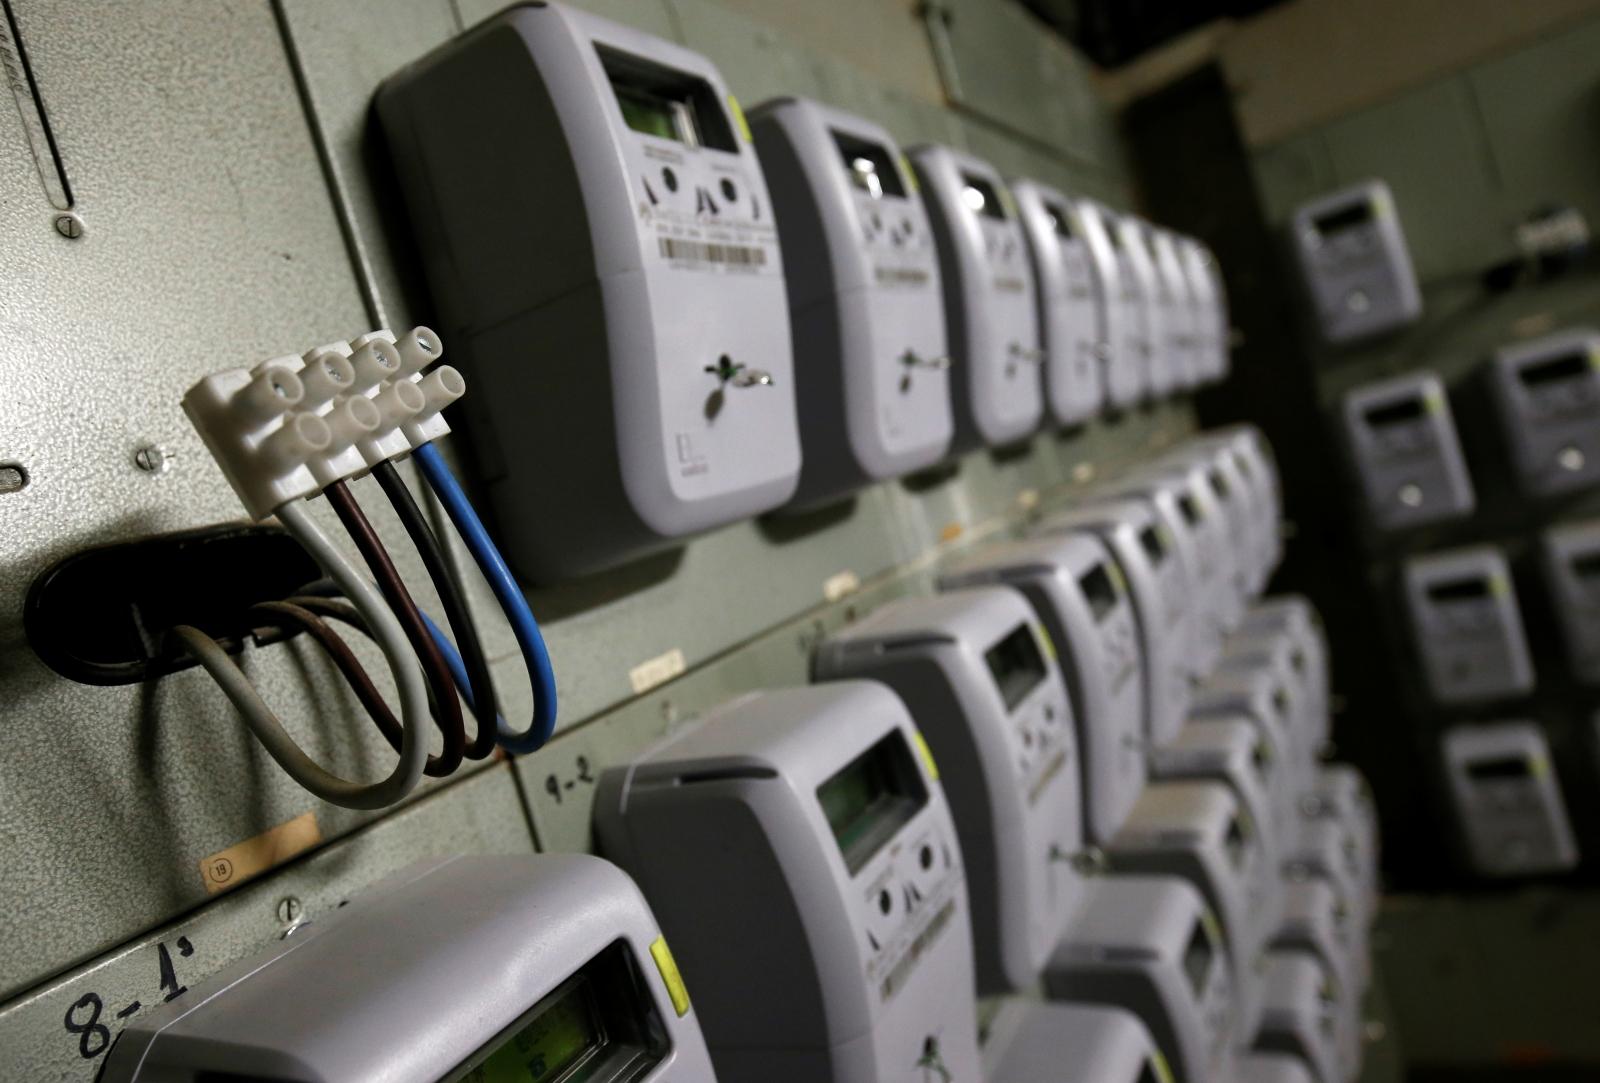 Electric meters, Barcelona